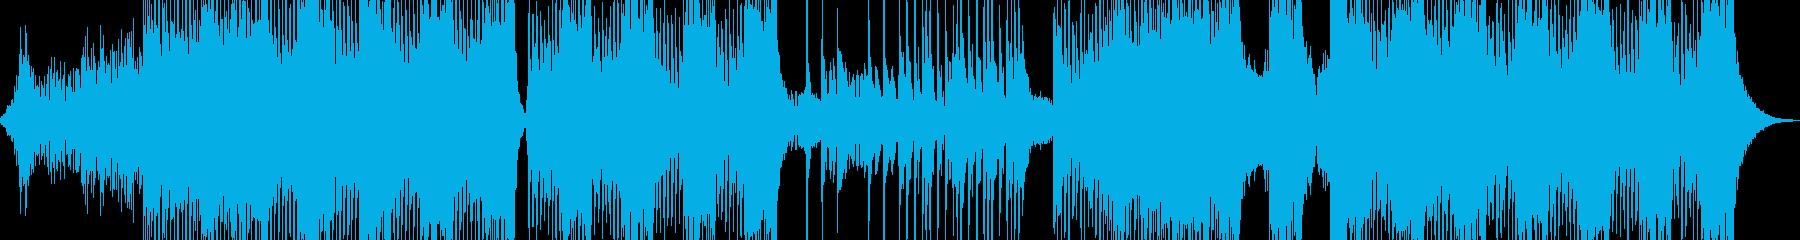 気味な雰囲気放つエスニックテクノ 長尺の再生済みの波形